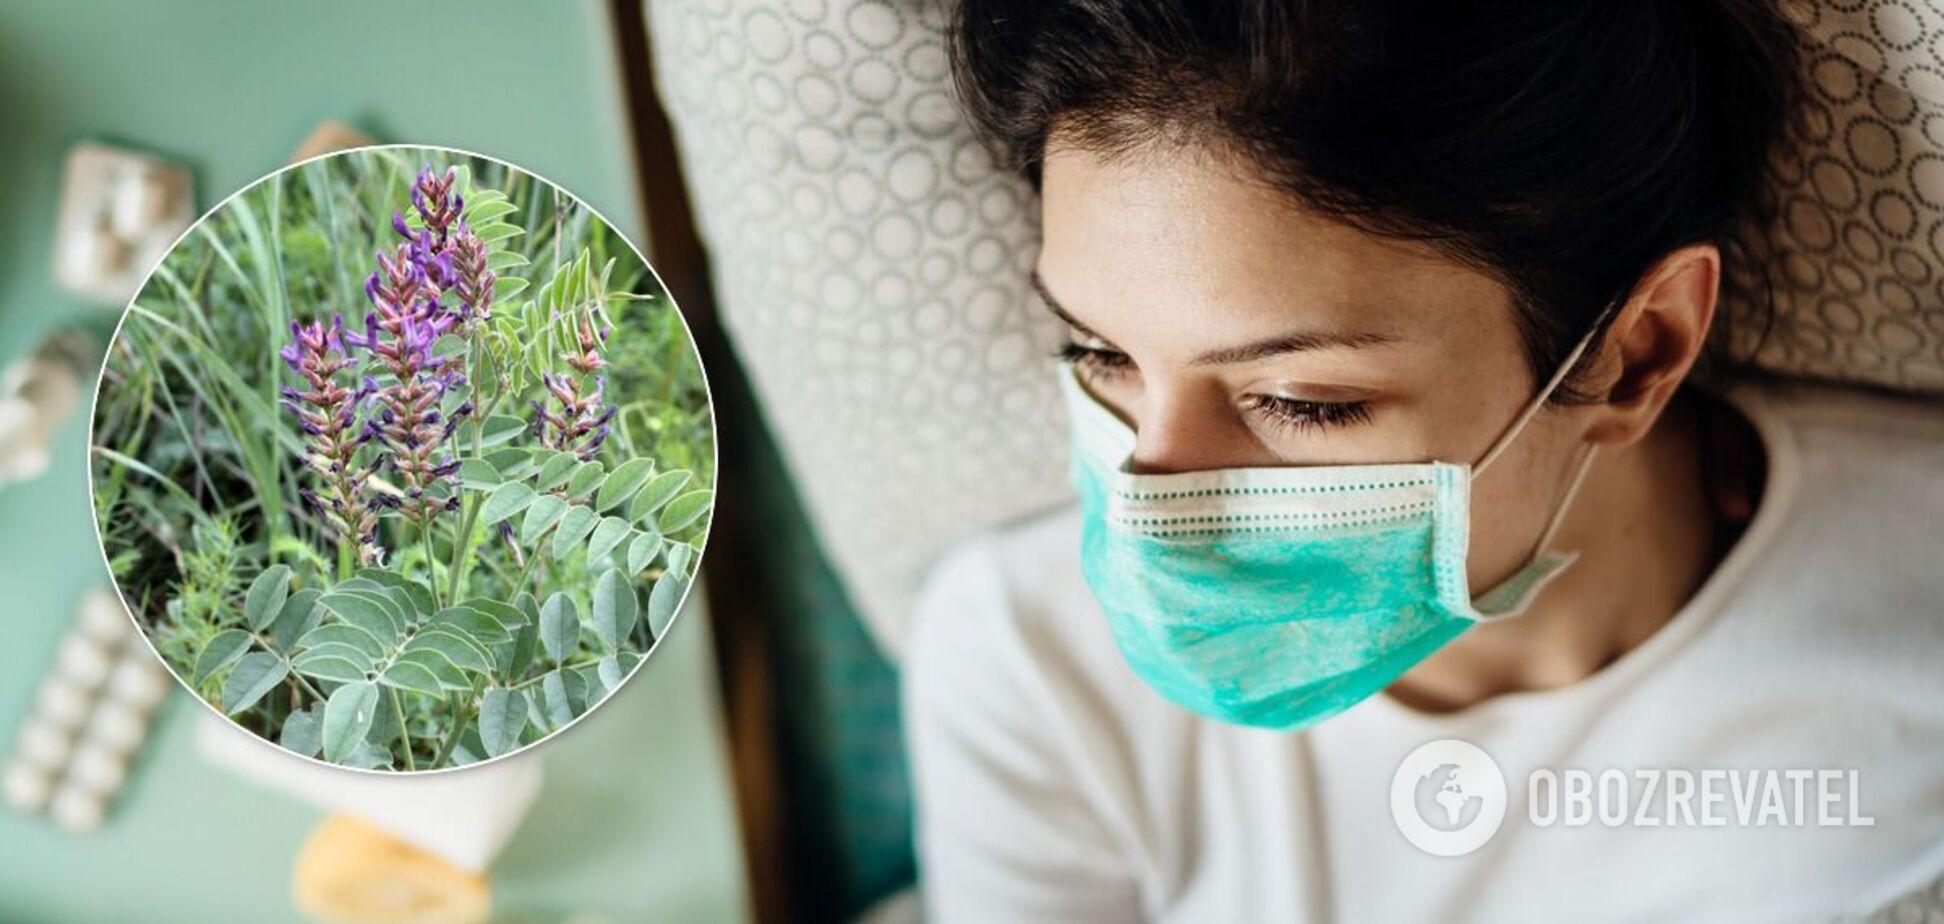 Президента Туркменістану висміяли за ідею лікувати COVID-19 коренем солодки